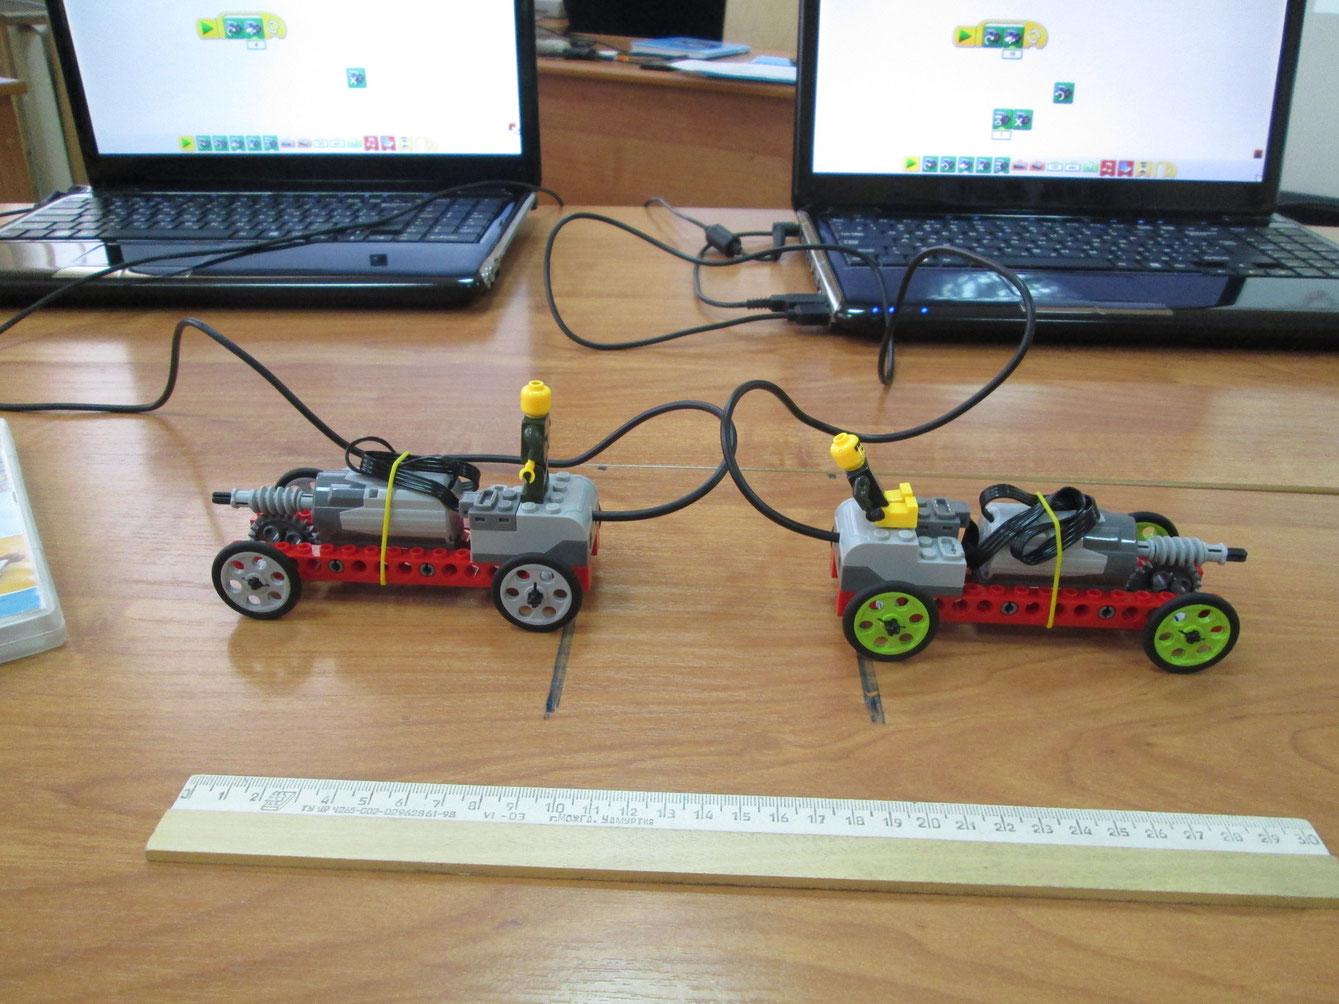 Тема: формулы движения.Используем построение моделей в конструкторе Lego Wedo.